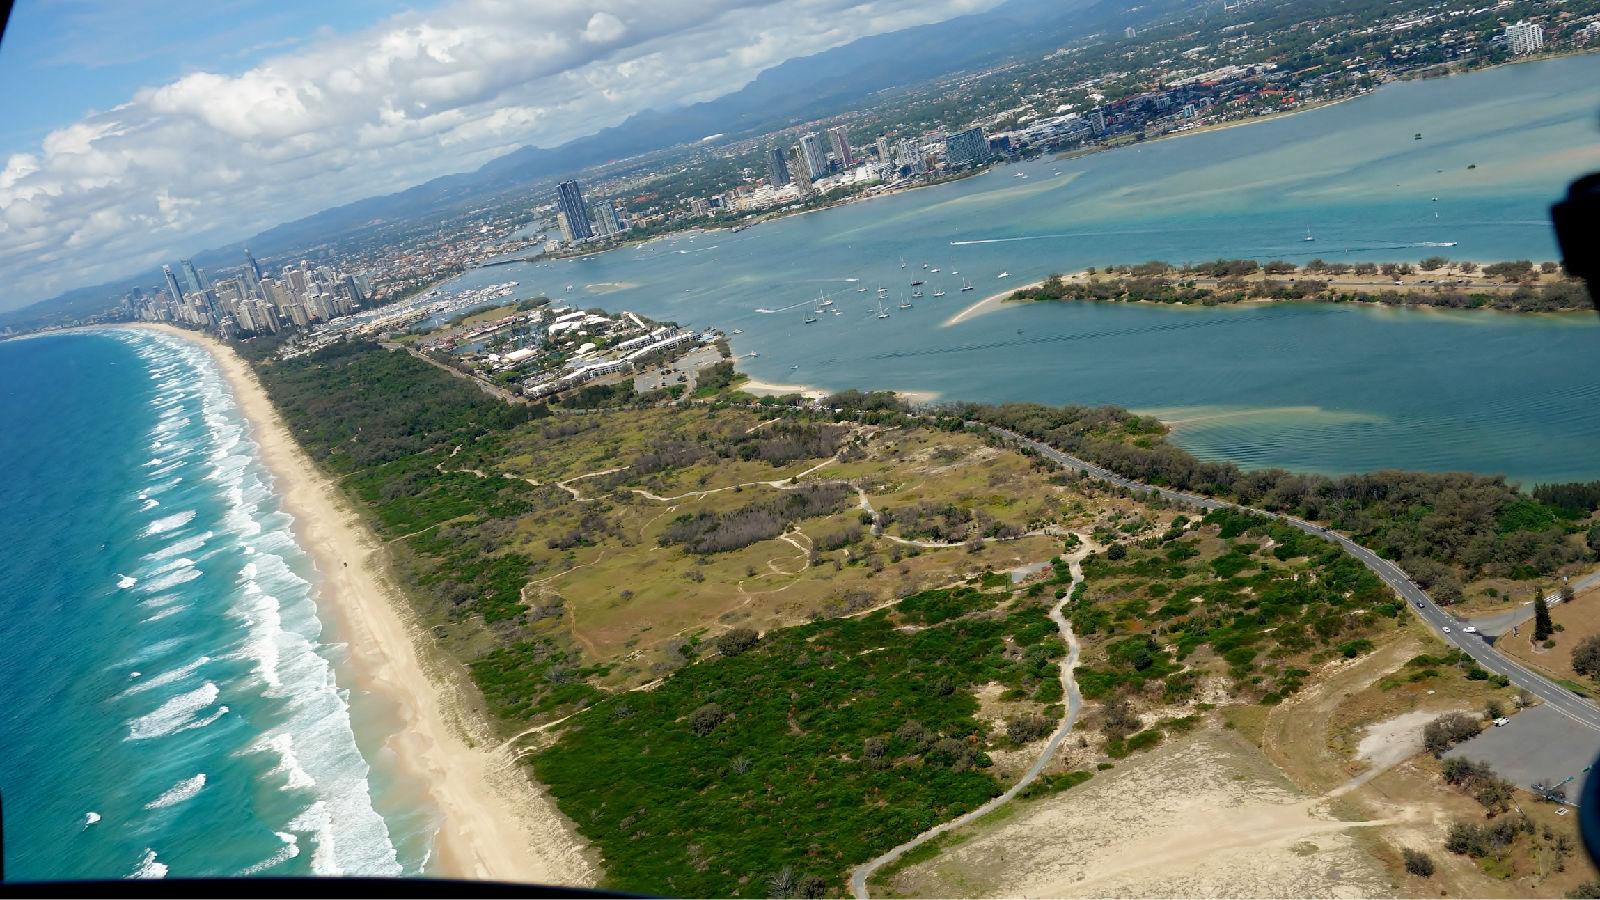 澳大利亚旅游攻略图片130